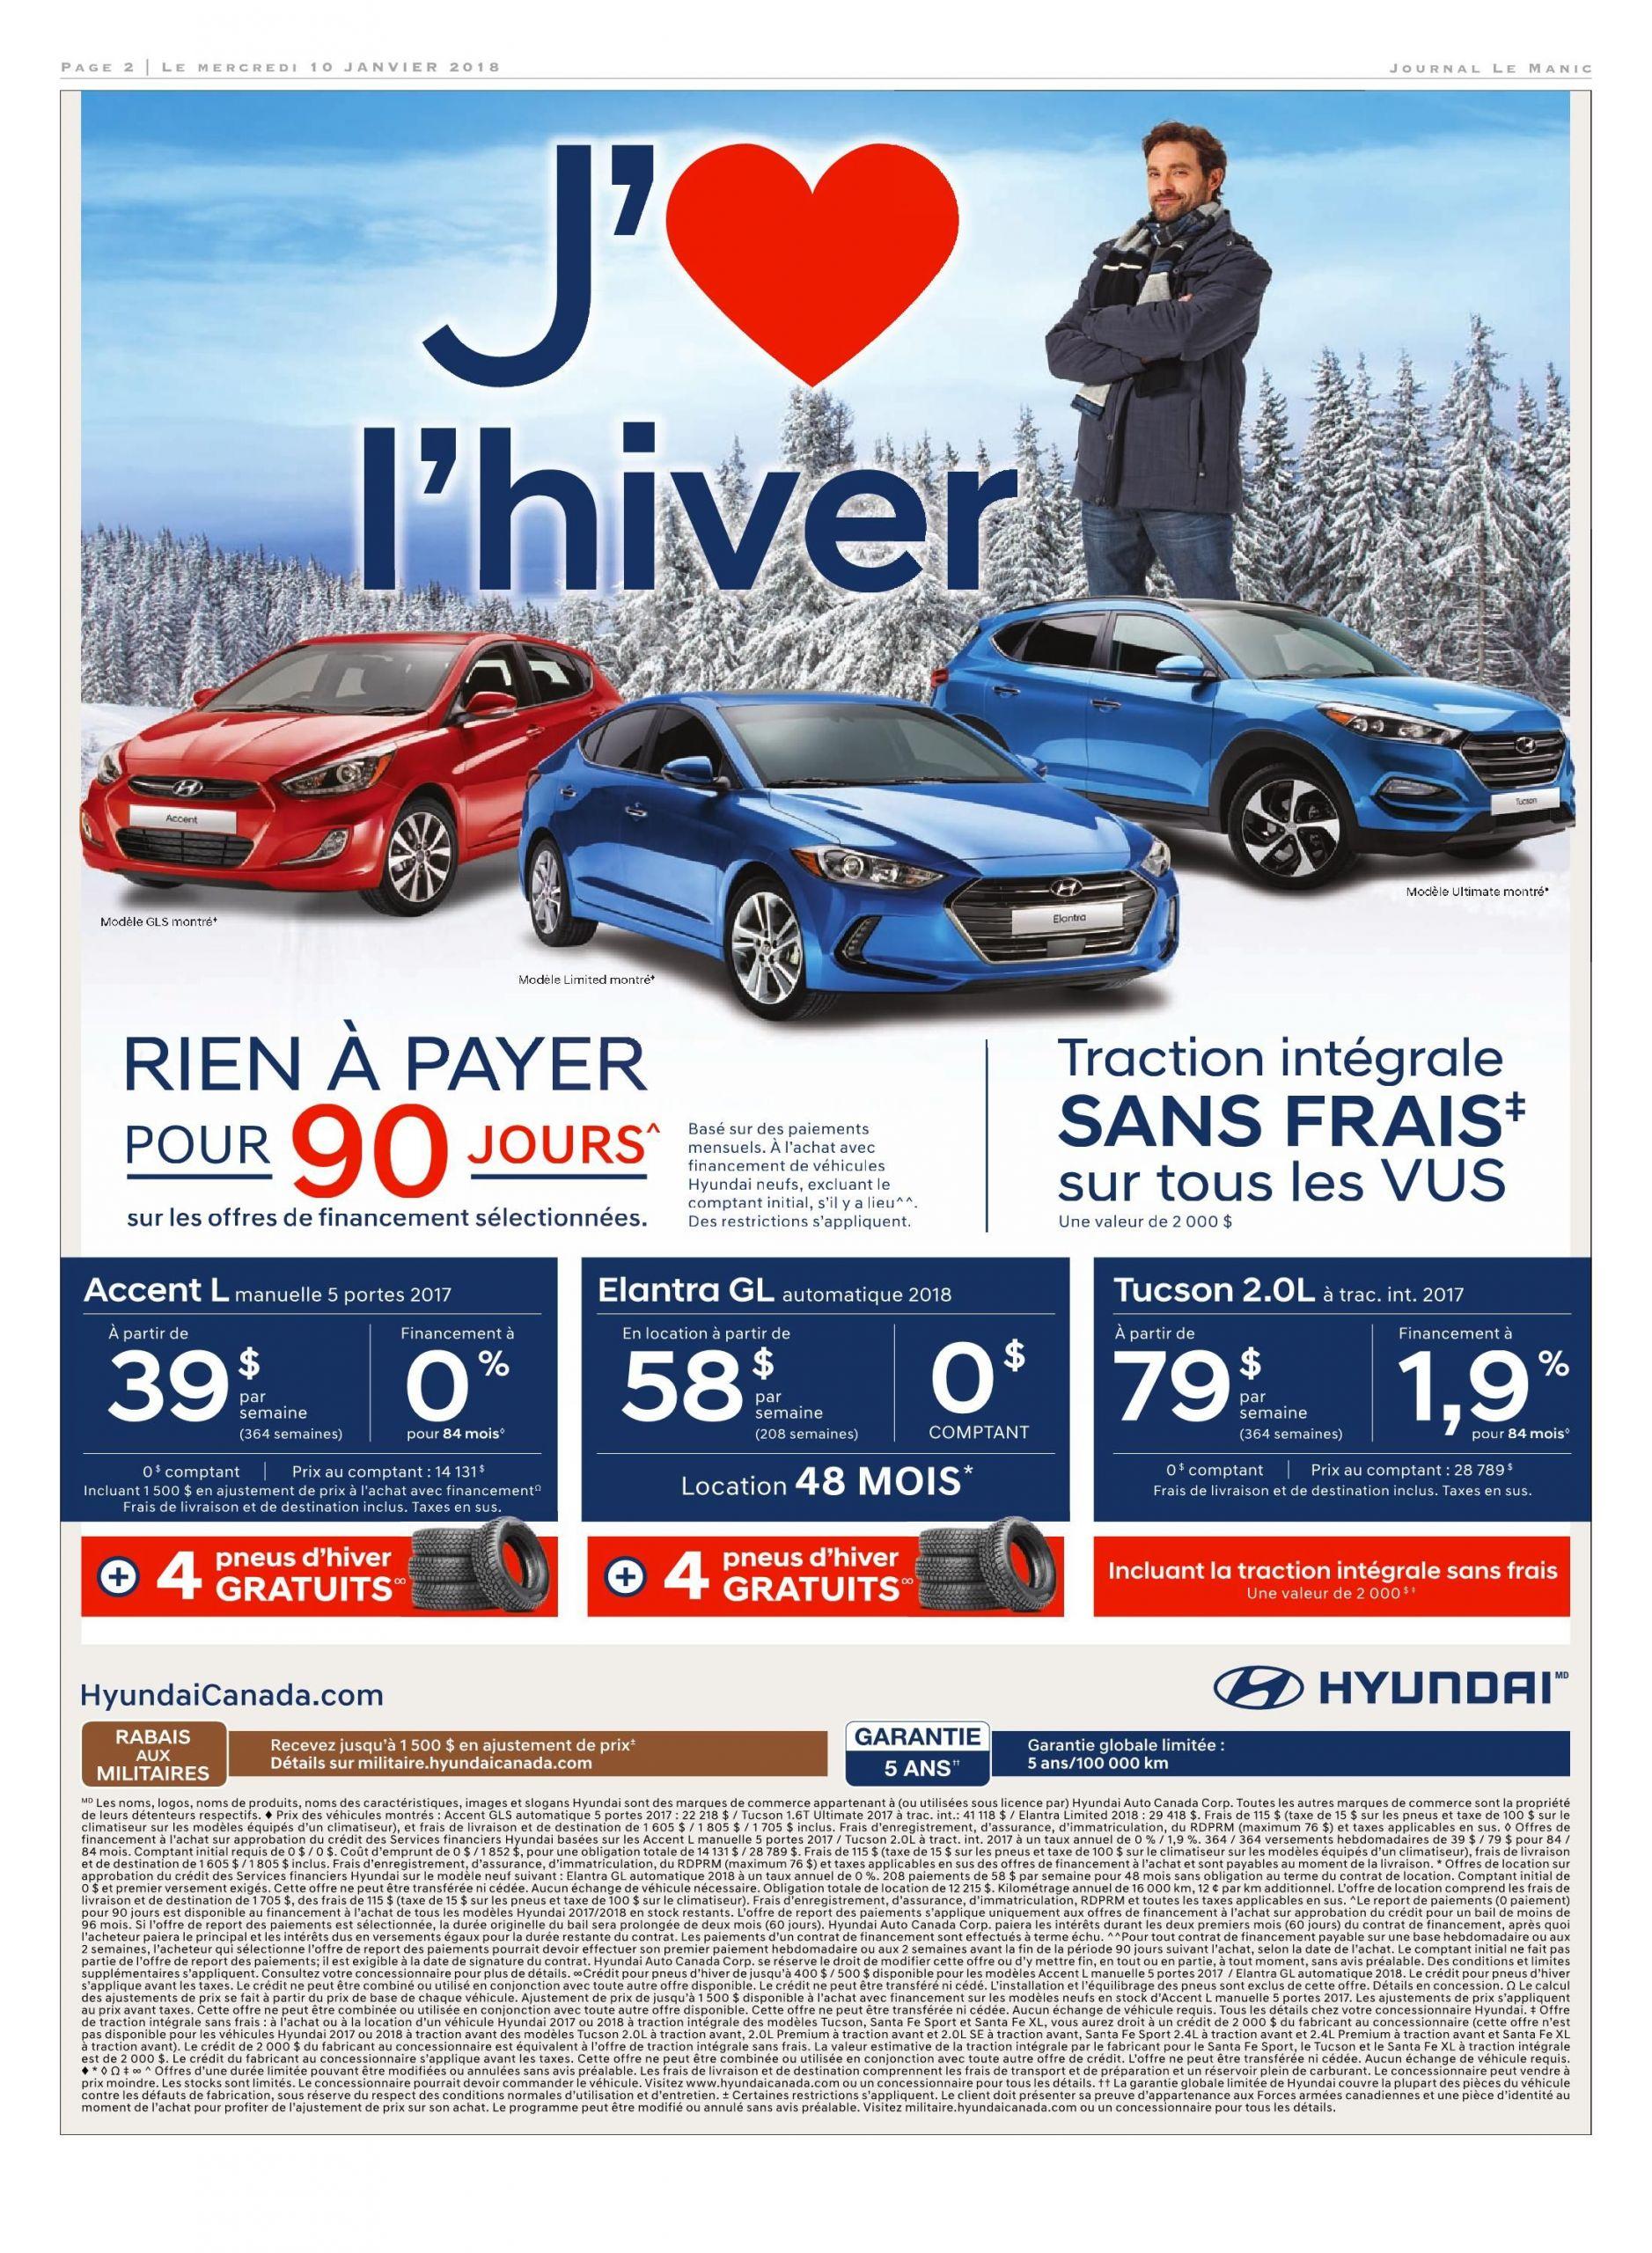 Cherche Personne Pour Travaux Jardin Luxe Le Manic 10 Janvier 2018 Pages 1 32 Text Version Of 66 Beau Cherche Personne Pour Travaux Jardin